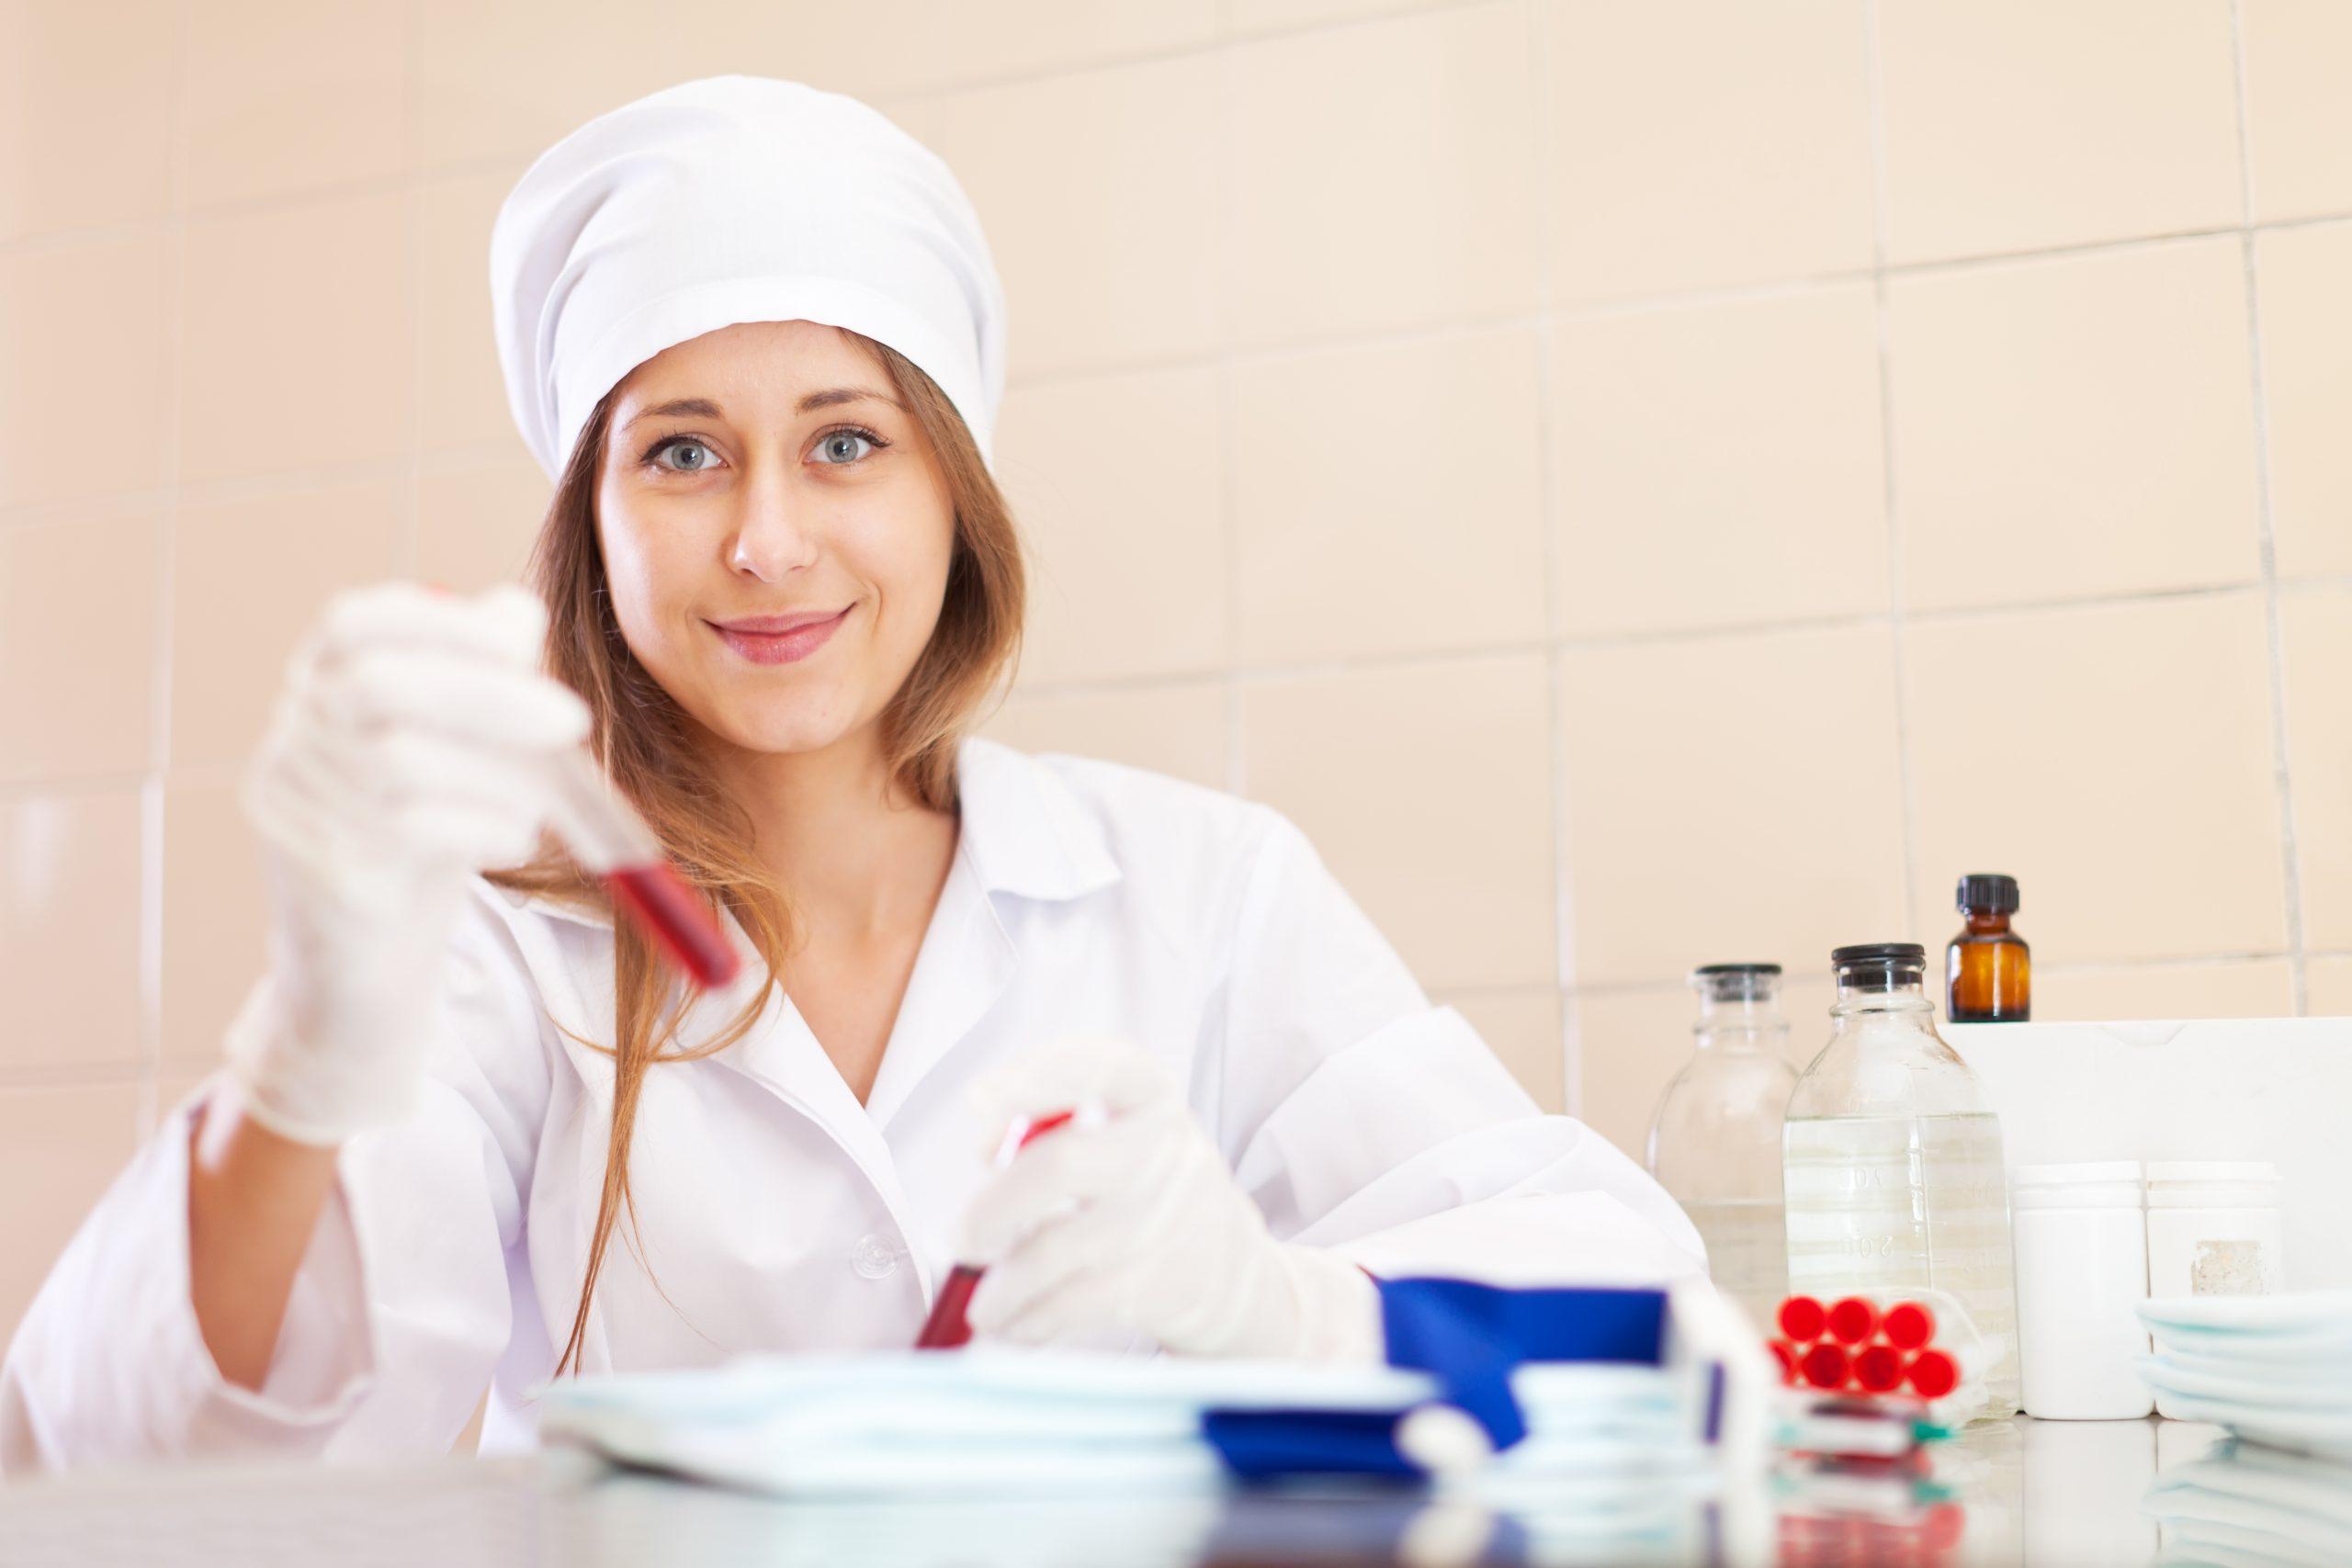 Πρέπει ή όχι να τρώμε πριν από την εξέταση αίματος;